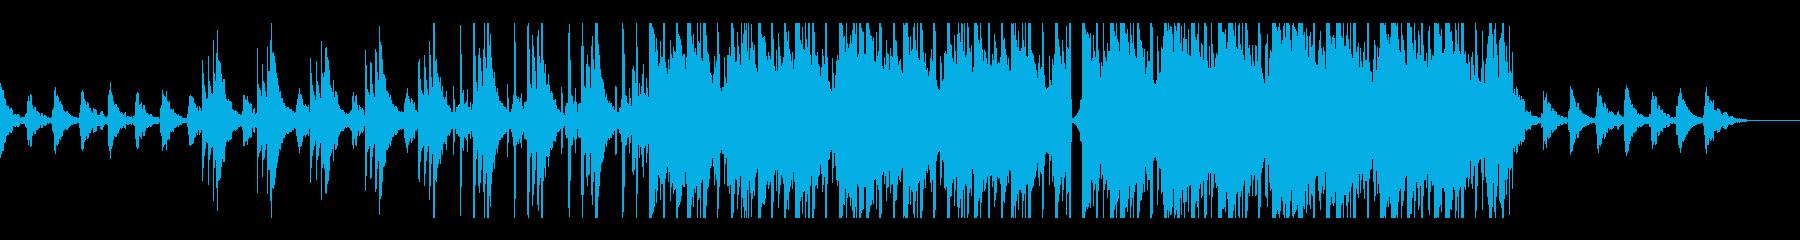 【短いVer2】ピアノが印象的なポップスの再生済みの波形